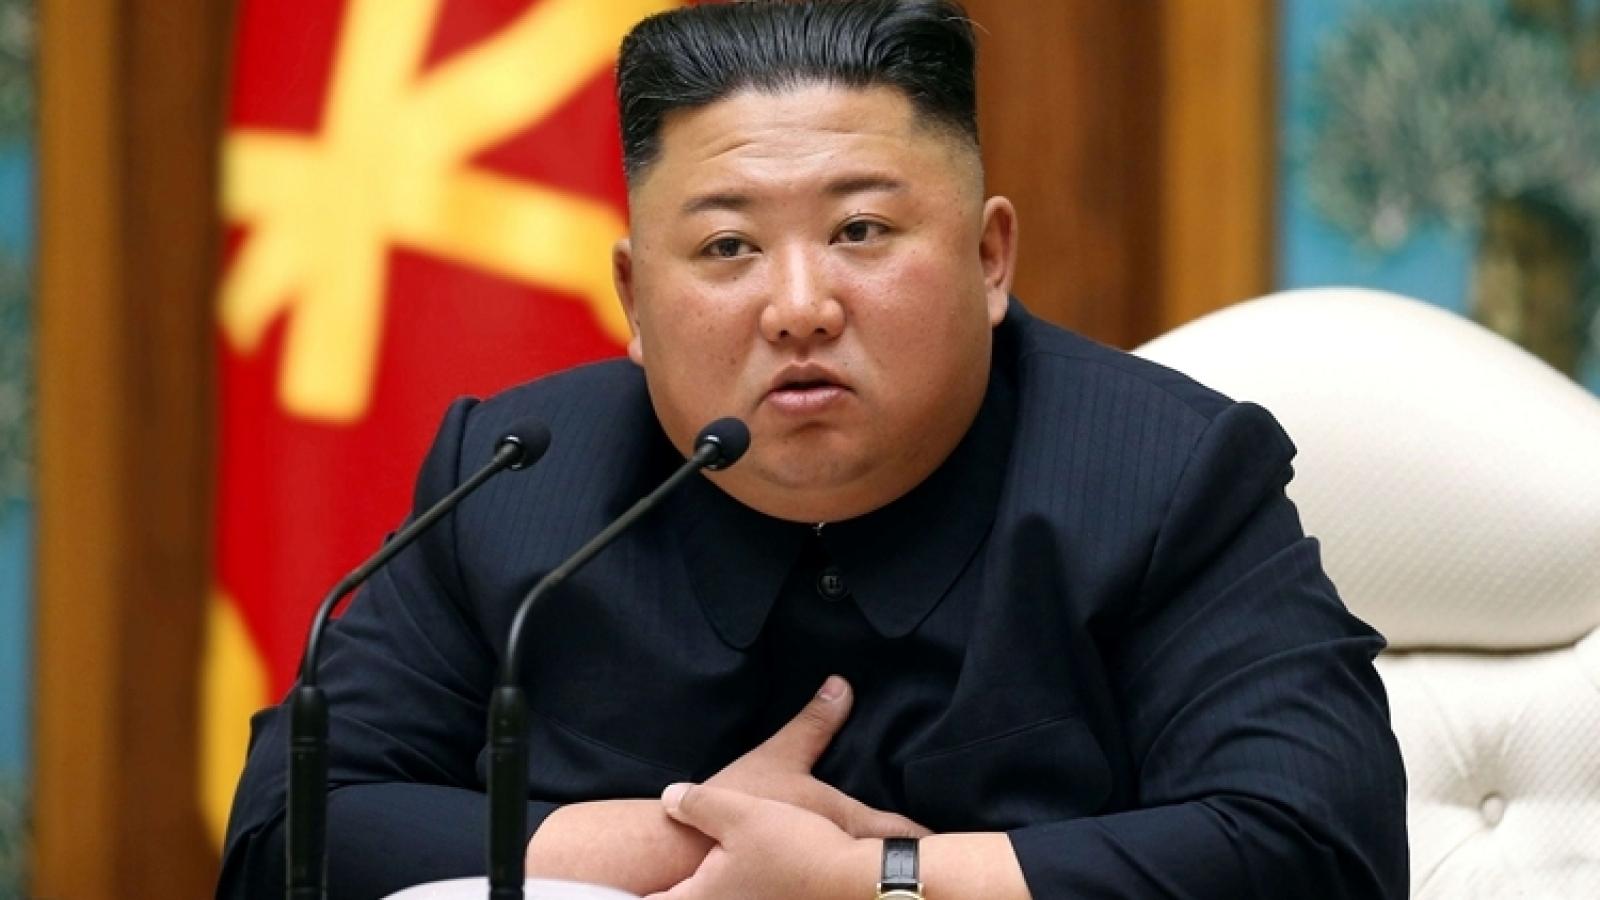 Lãnh đạo Triều Tiên Kim Jong-un gửi thông điệp tới lãnh đạo Trung Quốc